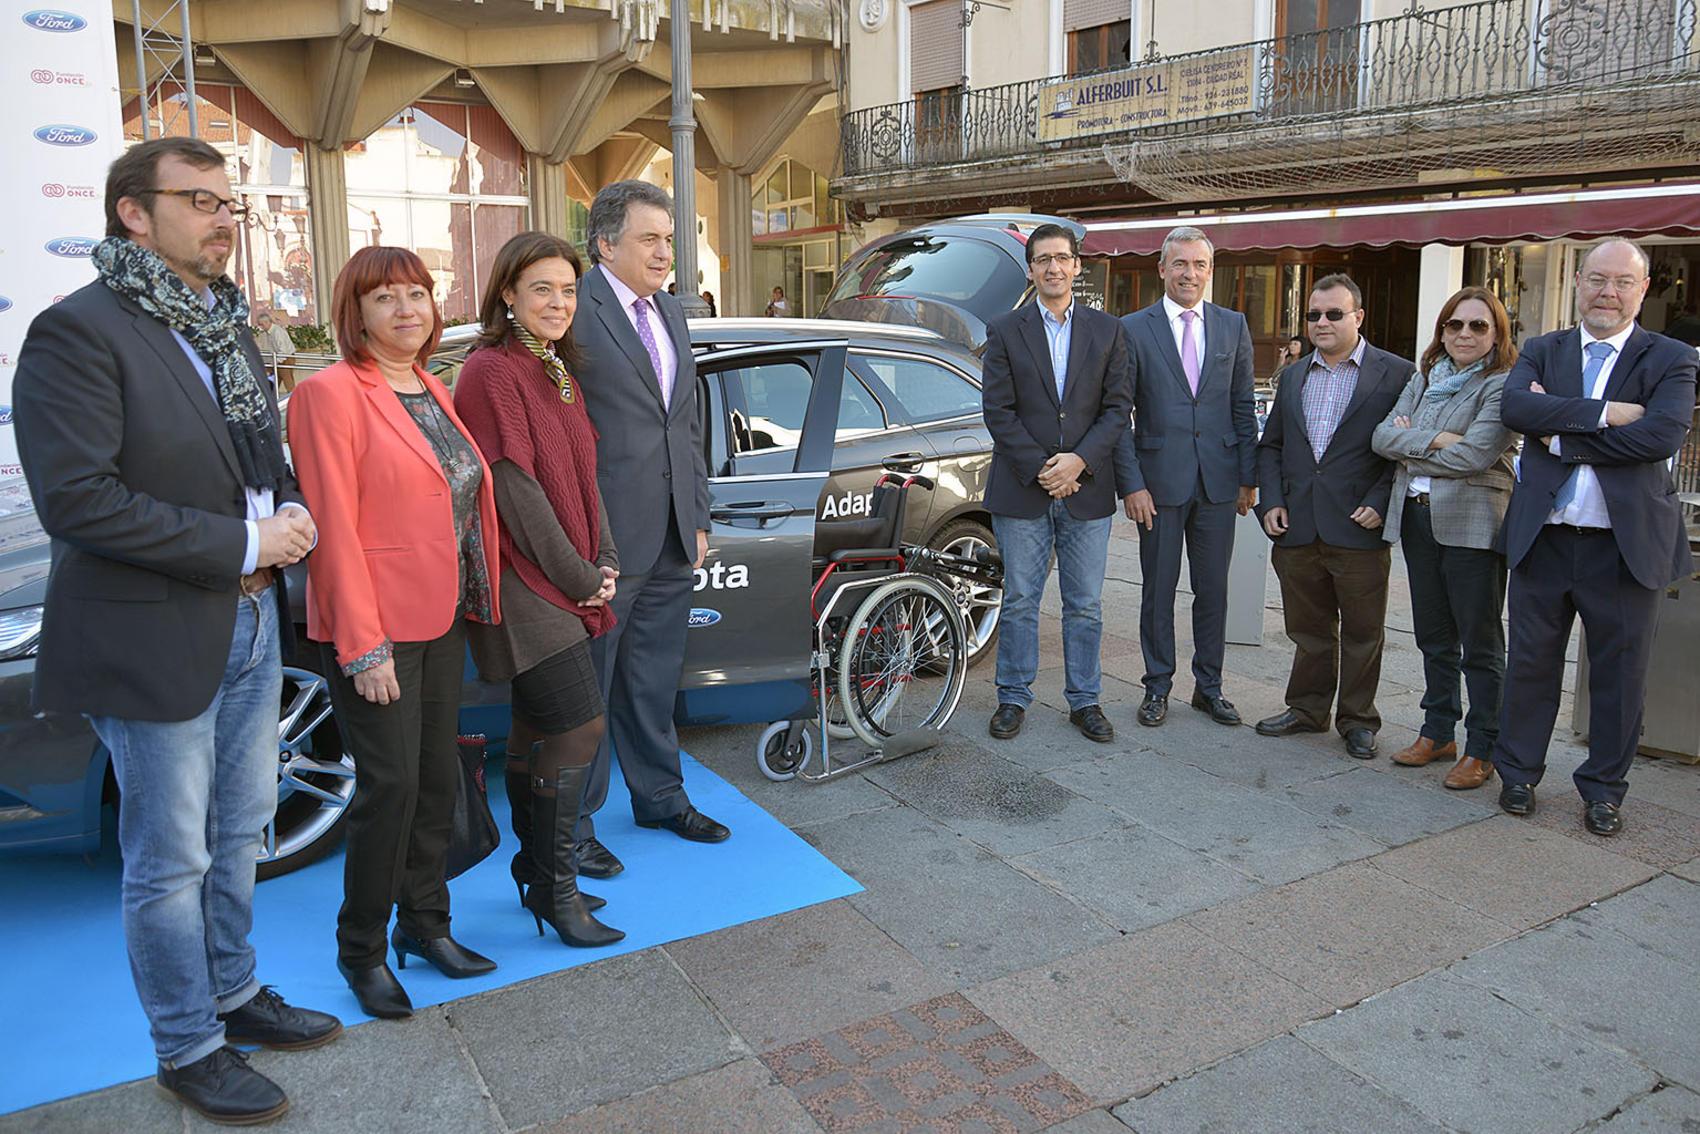 Caballero apela al compromiso de empresas e instituciones para facilitar la vida de las personas con discapacidad